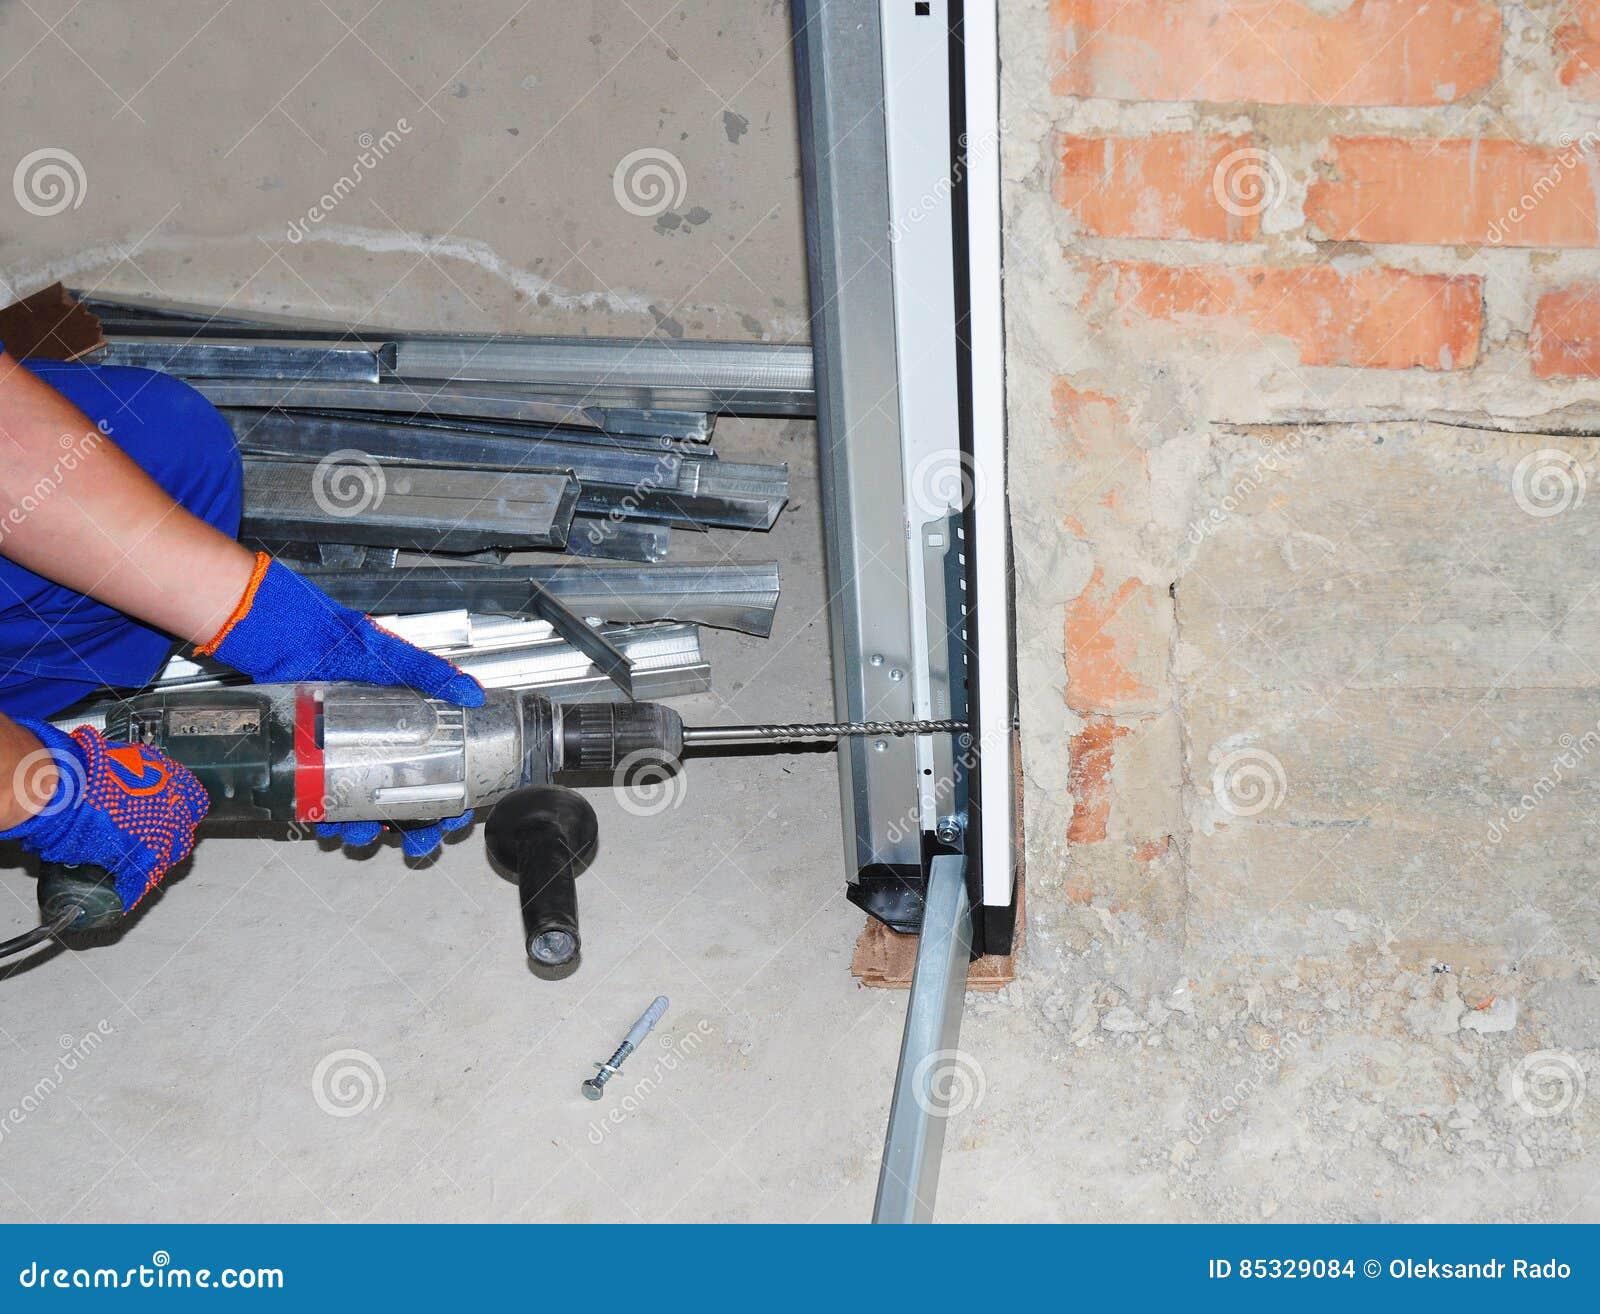 Εγκατάσταση & αντικατάσταση πορτών γκαράζ Εγκαταστήστε το ανοιχτήρι πορτών γκαράζ & πορτών γκαράζ Πώς να εγκαταστήσει μια πόρτα γ